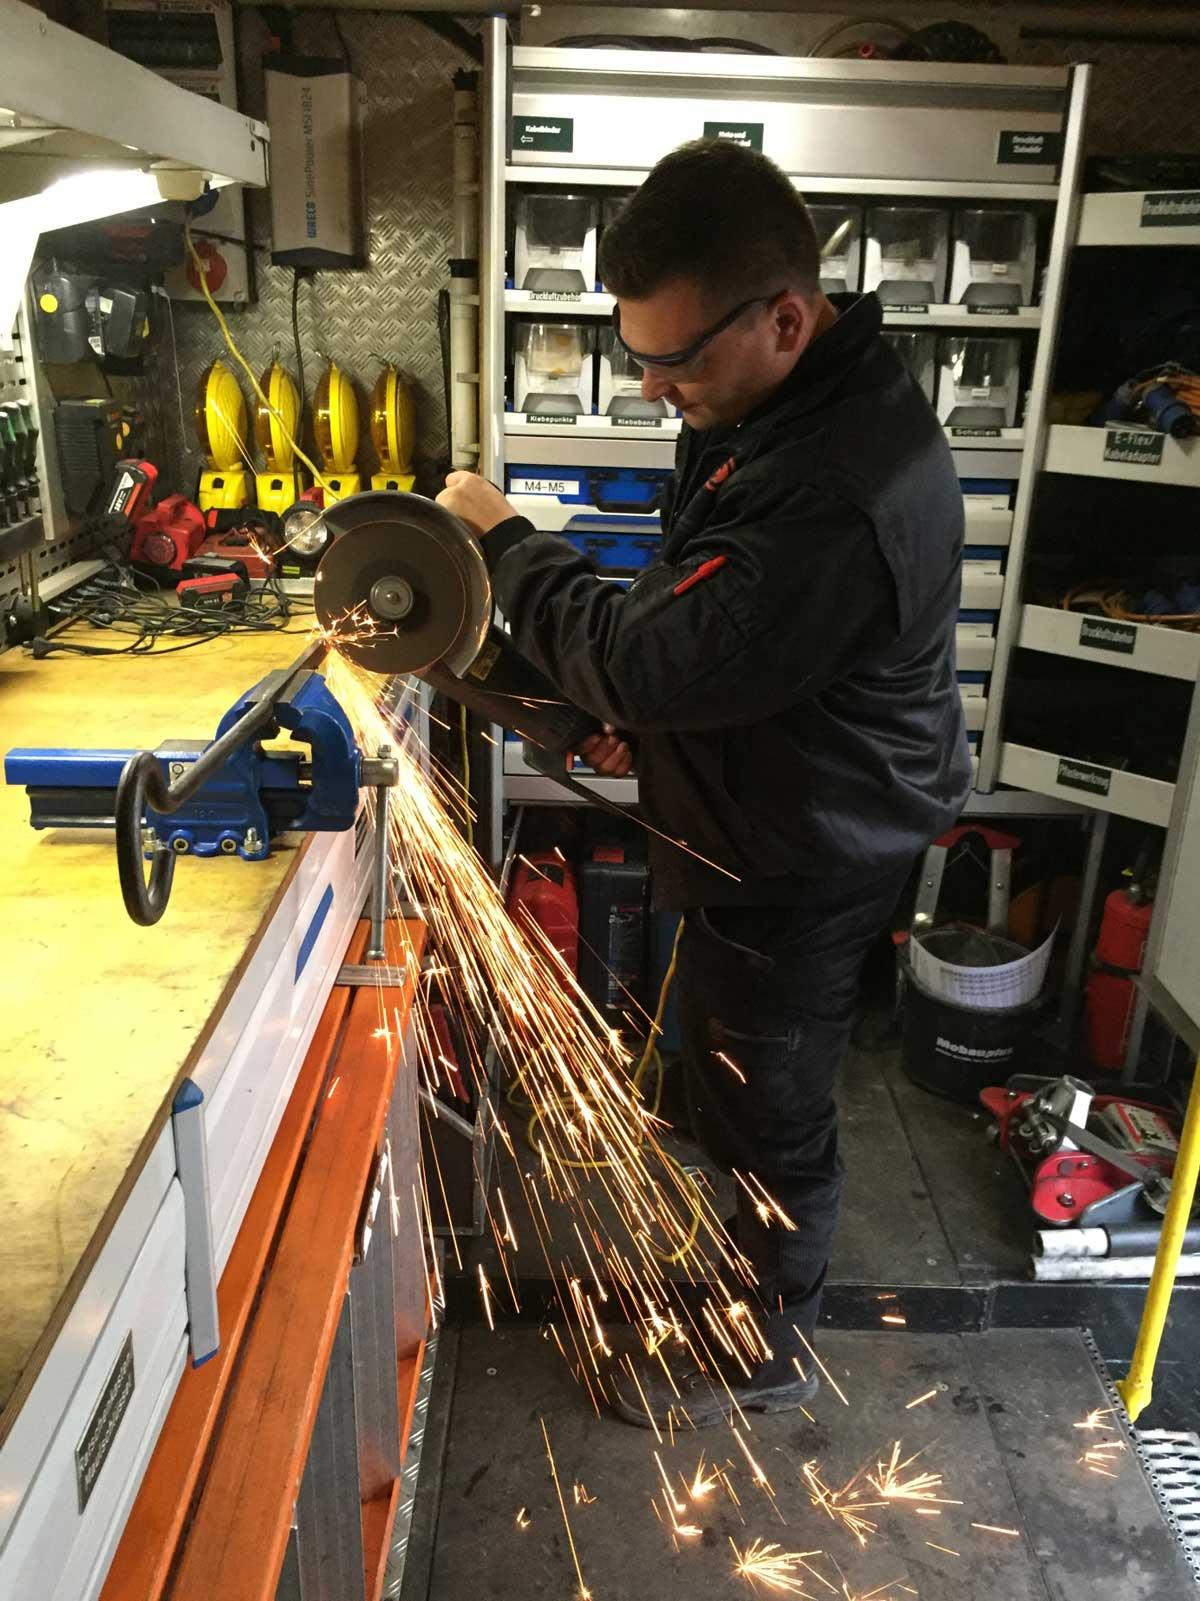 Industriemechaniker Dimitri an der Werkbank beim Zuschneiden eines Weichenstelleisens mit dem Winkelschleifer.